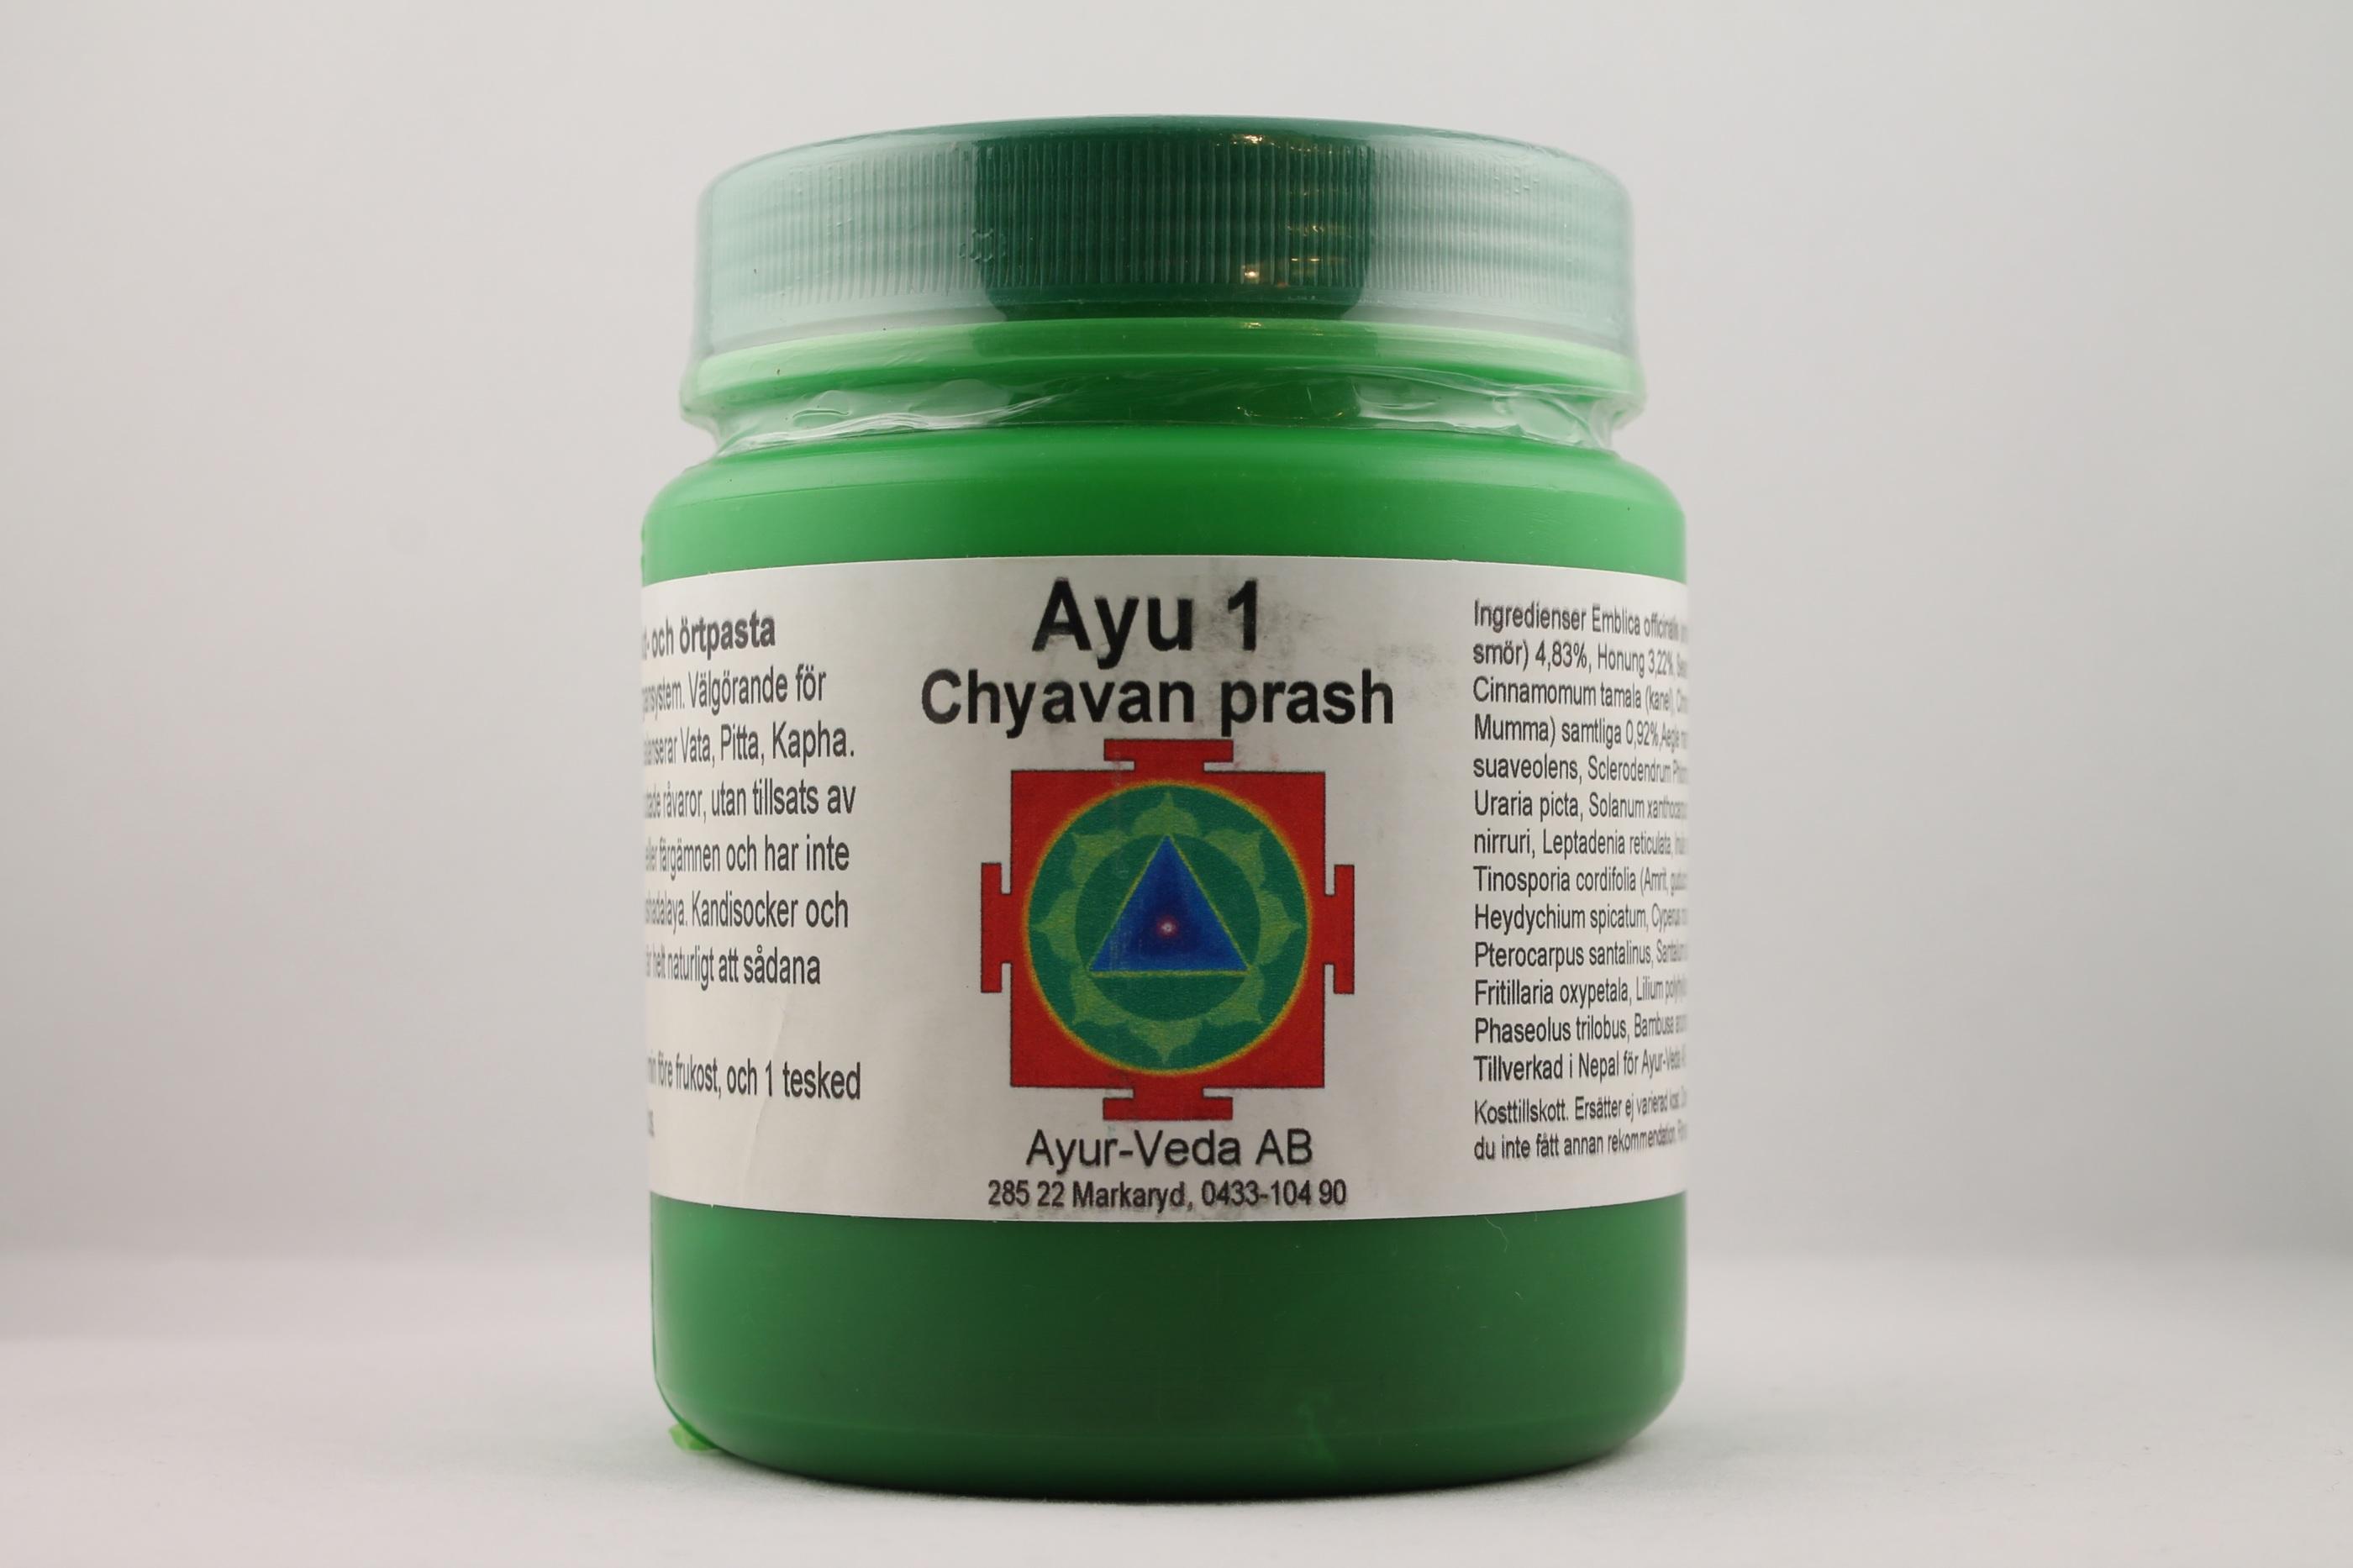 Chyavanprash holistisk alternativ örttillskott kosttillskott homeopati hälsa